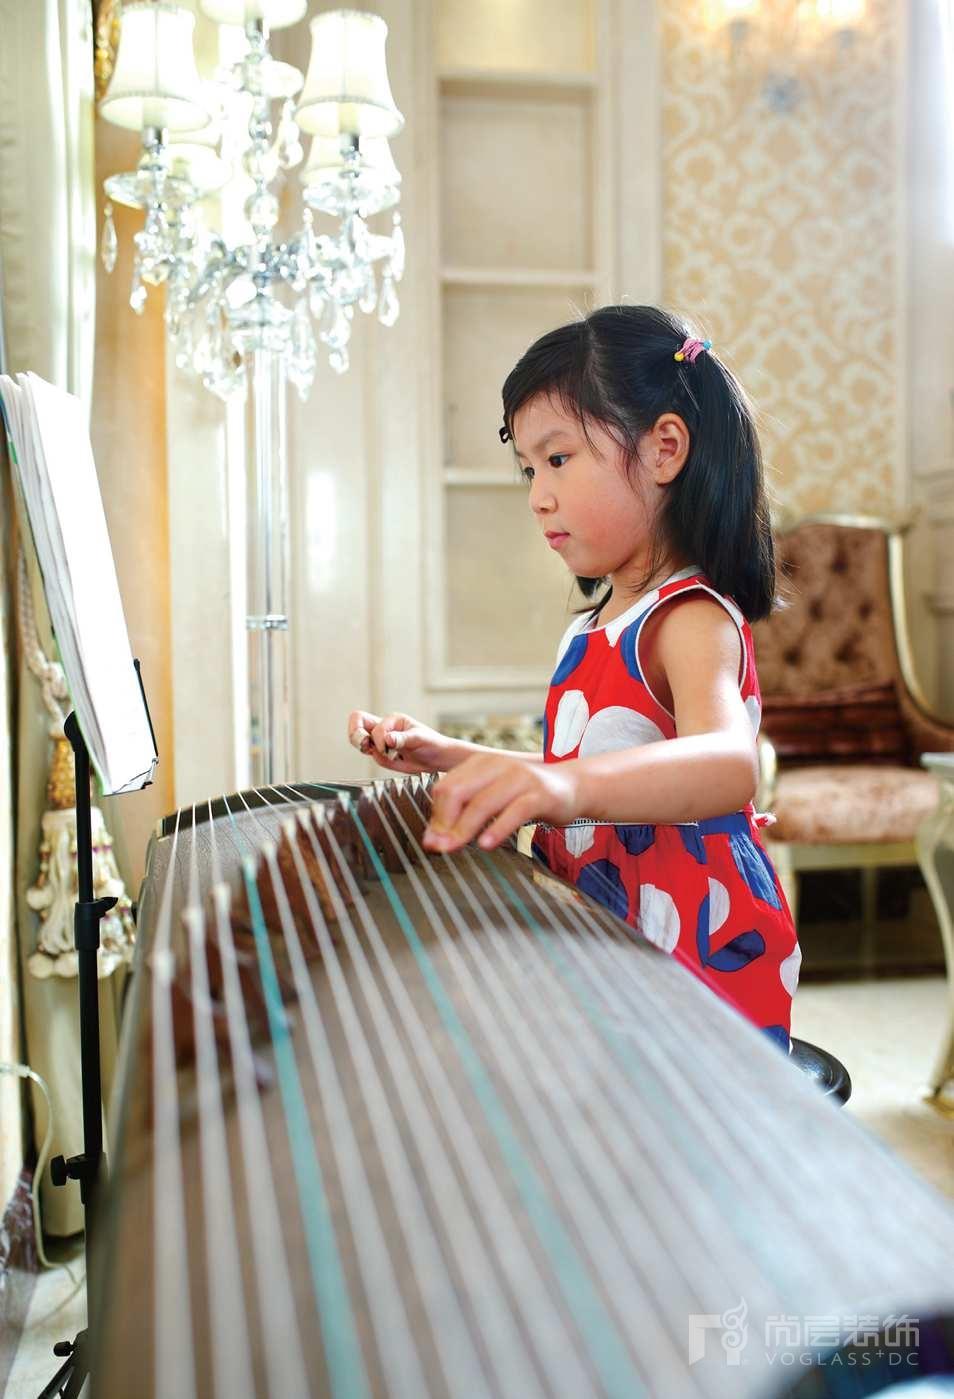 龙湾别墅装修业主的女儿在弹琴